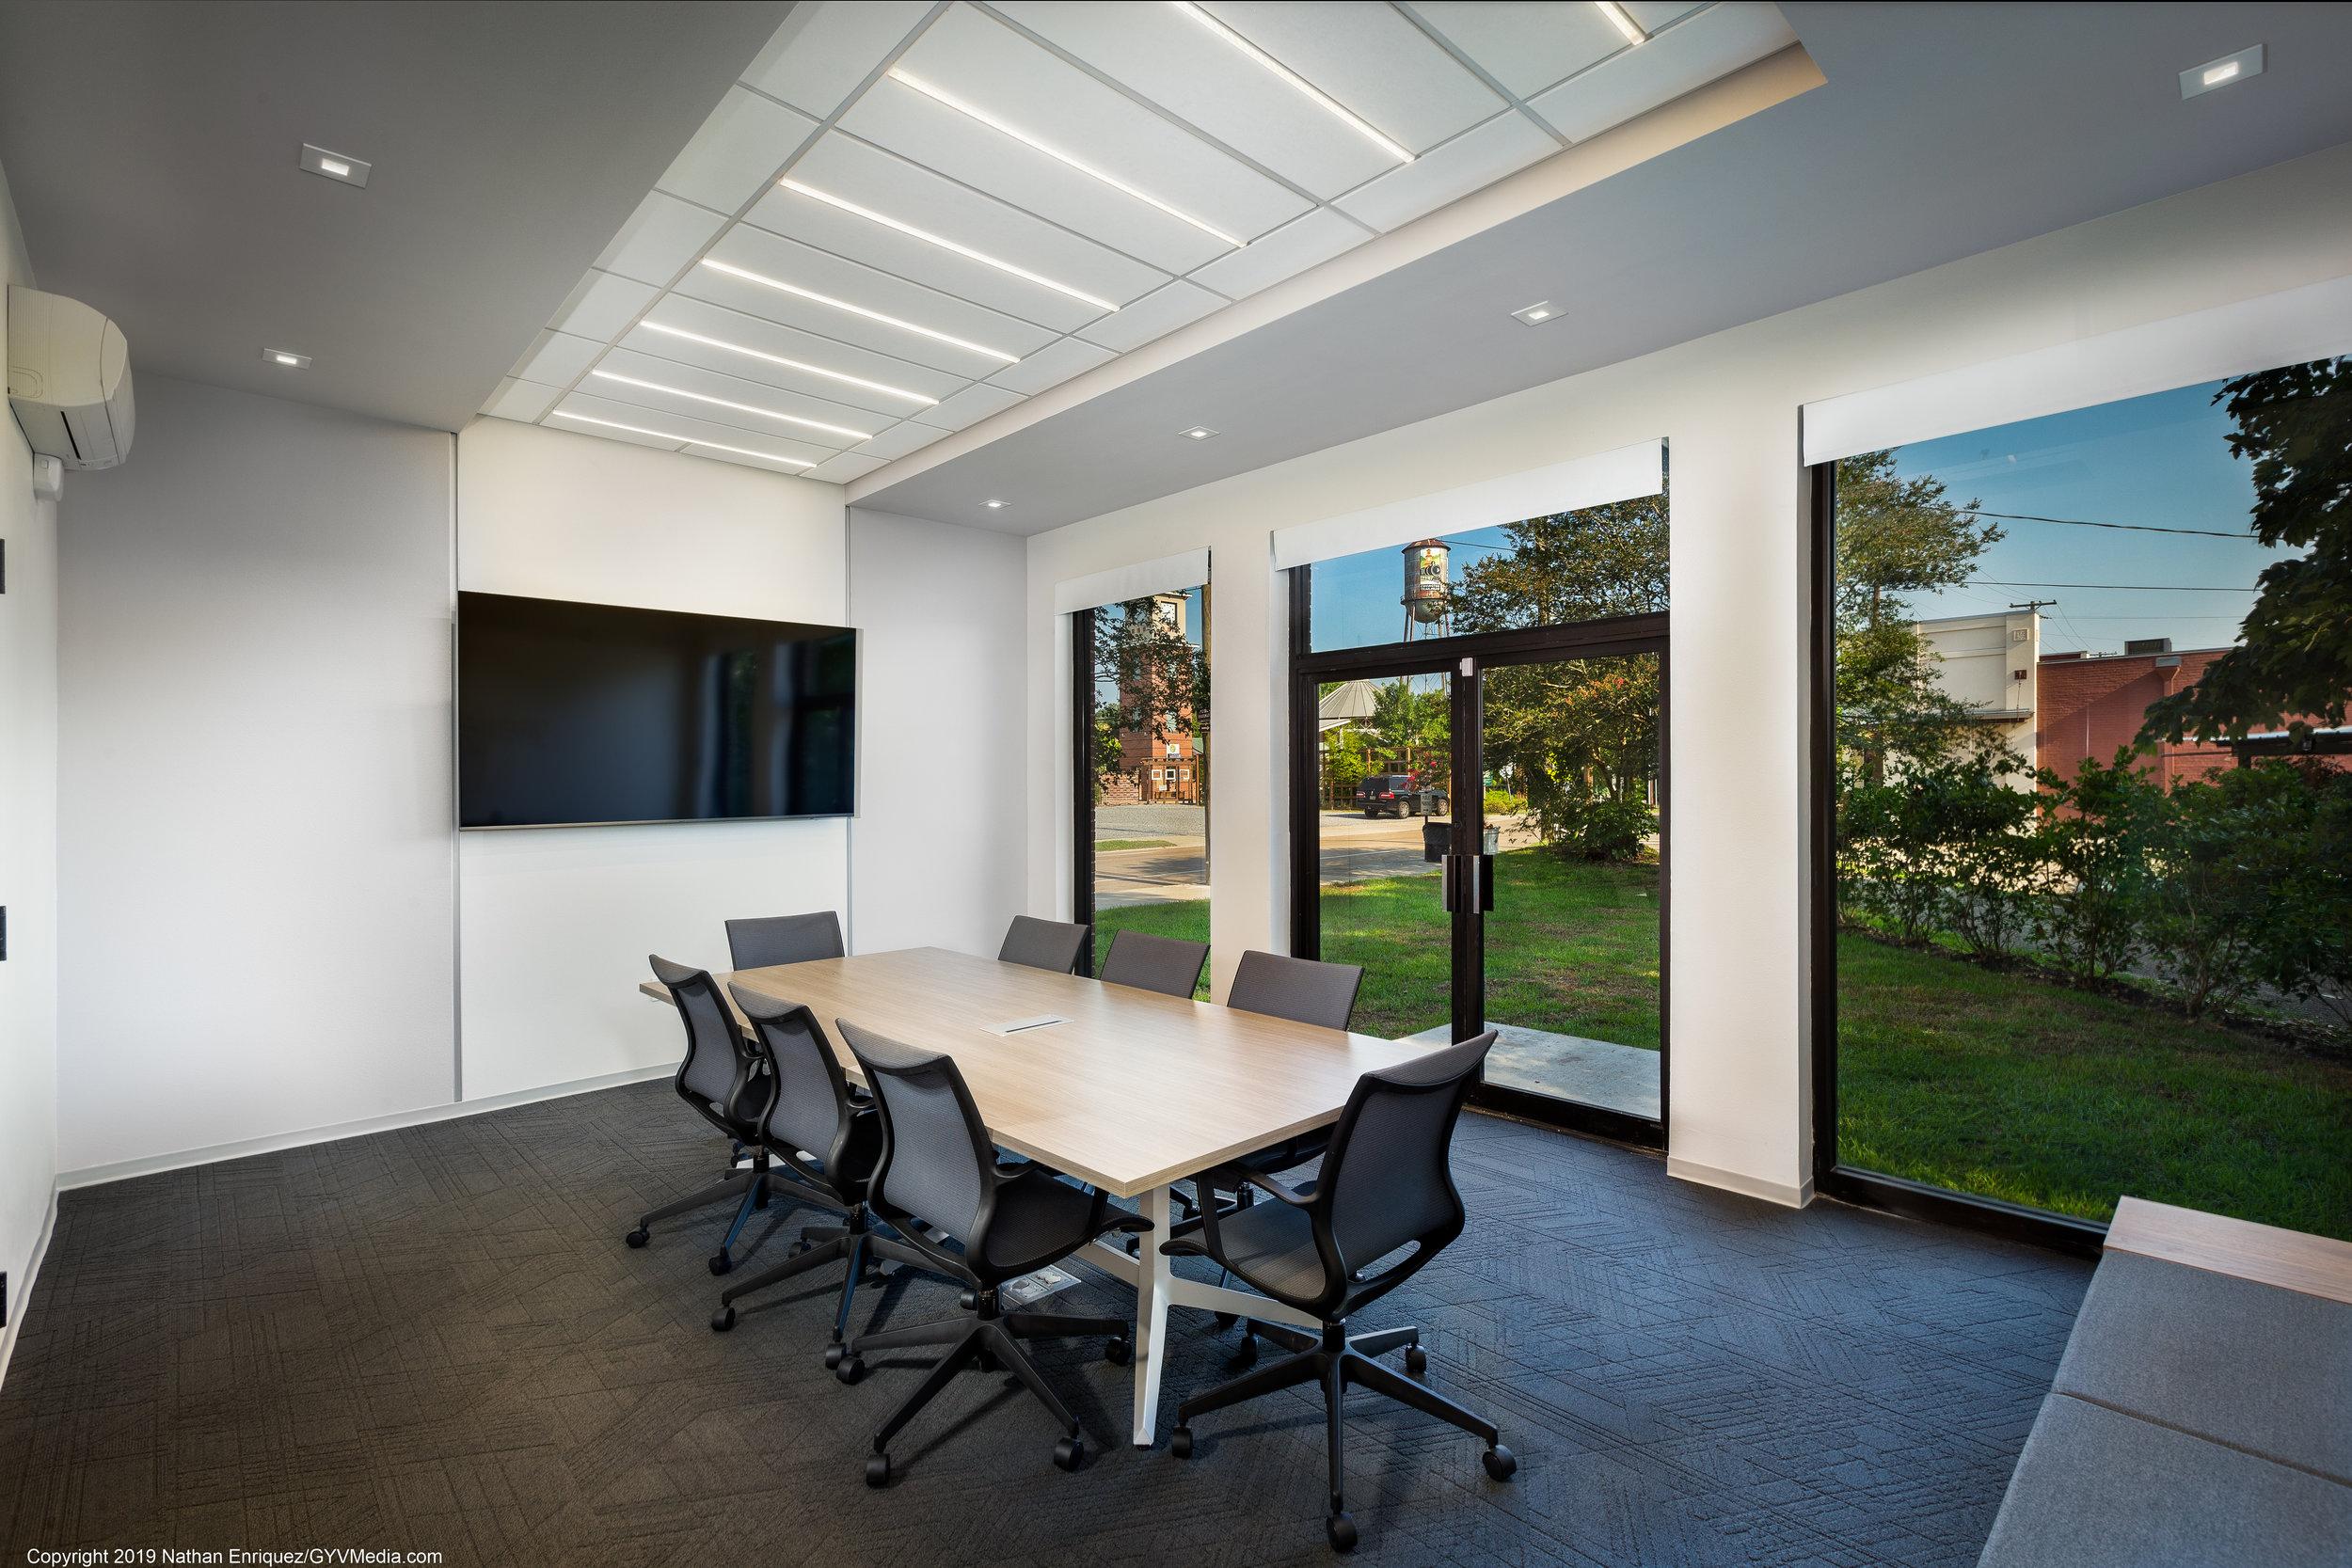 Greenleaf Lawson Architects Covington (JPEG High Res) (6 of 9).jpg